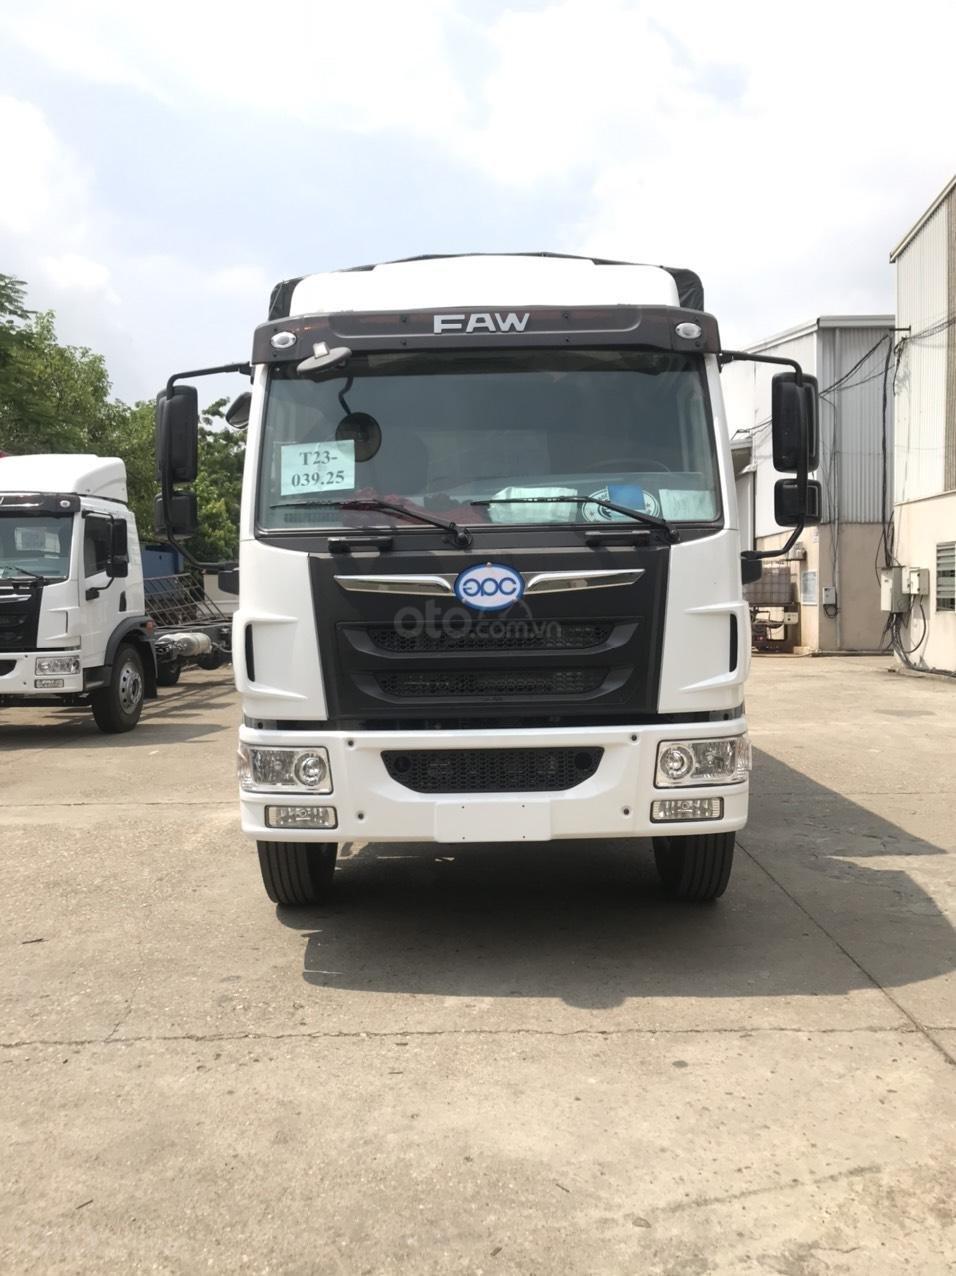 Bán xe tải Giải Phóng 8 tấn thùng dài 8 mét - Xe tải Faw 8 tấn trả trươc 170Tr nhận xe - KM 100% thuế TB - tặng dầu (2)